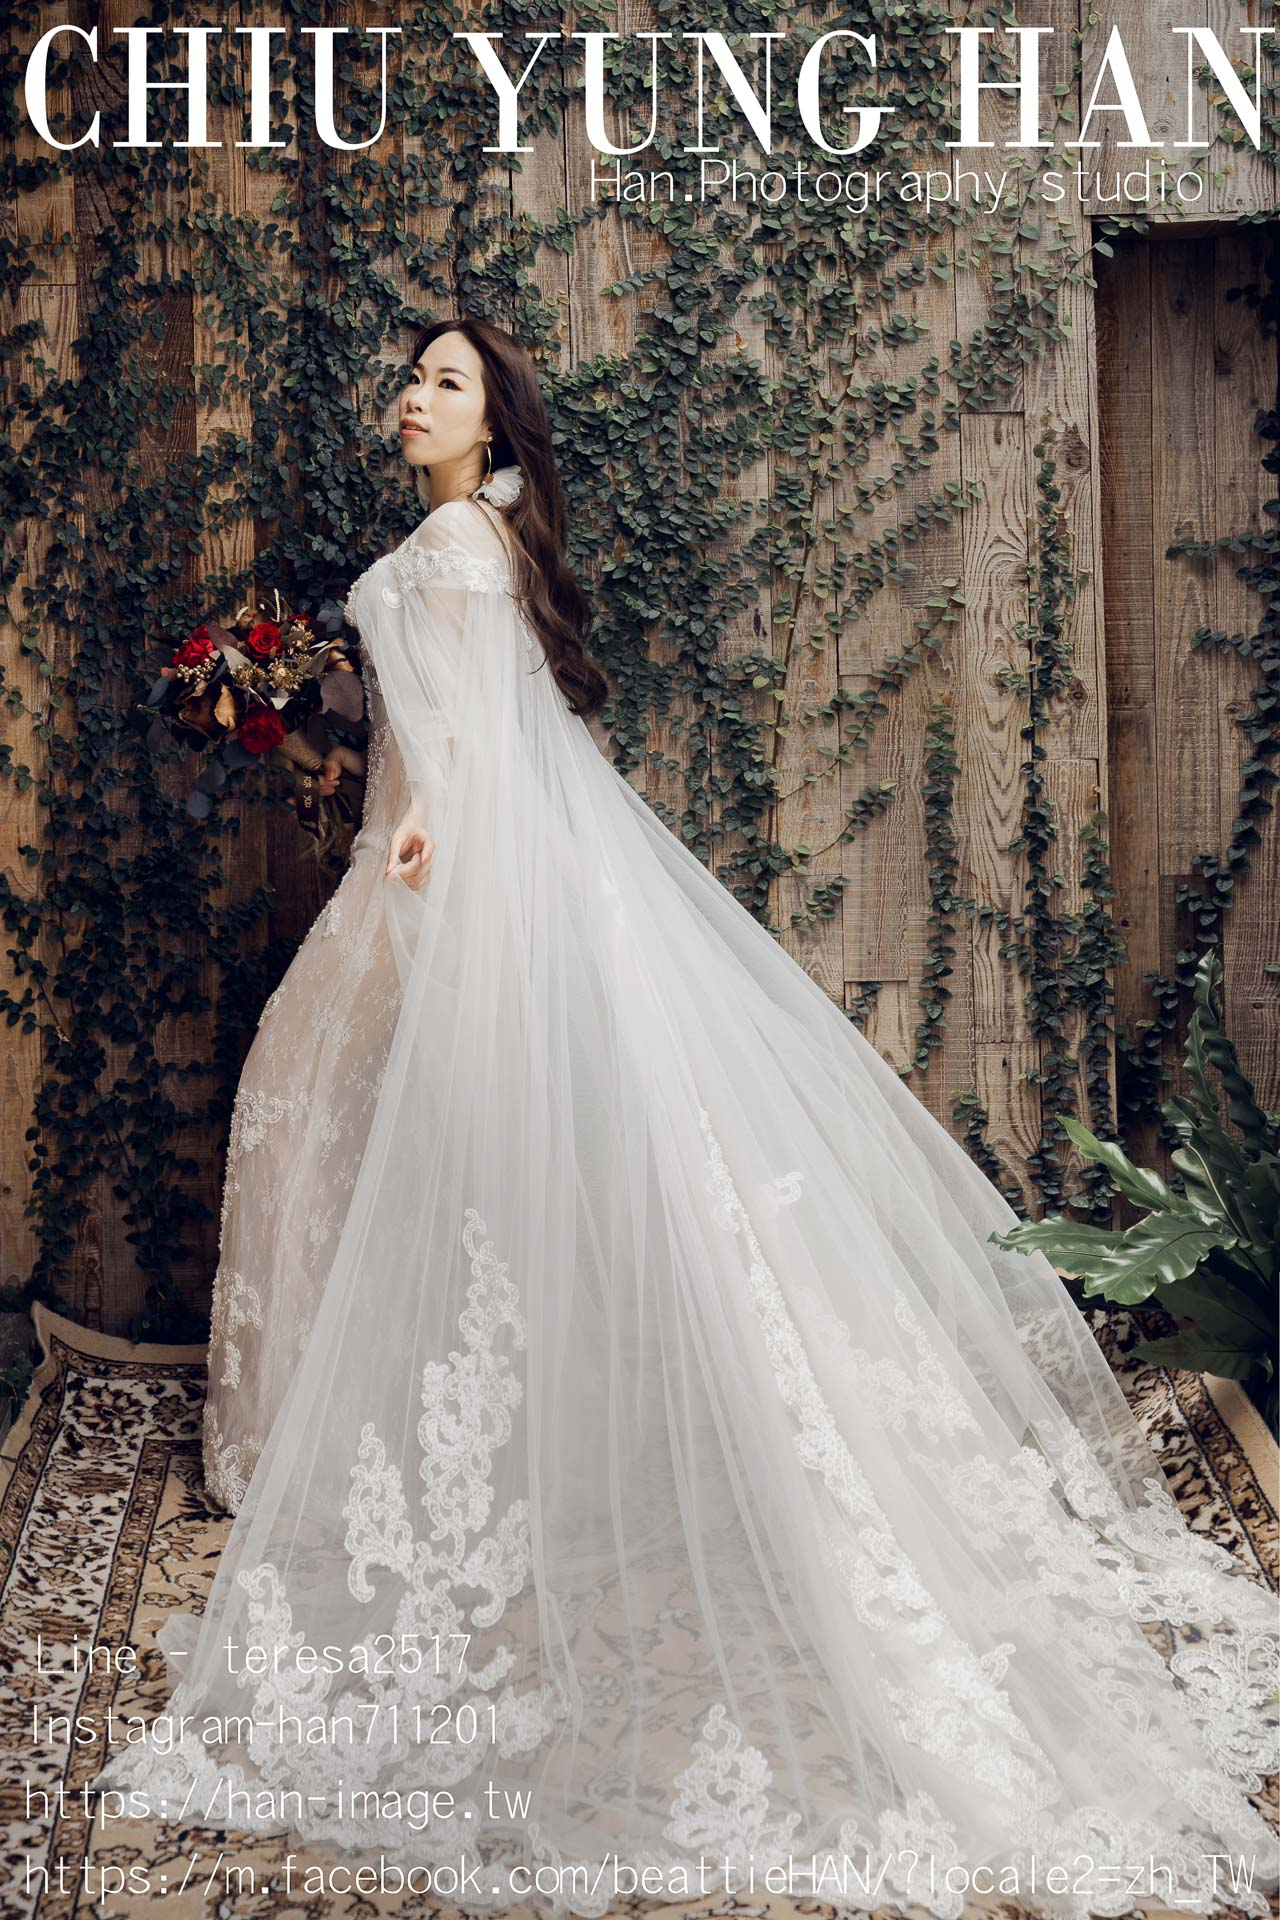 與眾不同的賽車手婚紗,婚紗拍攝,滿足新人的需求,My Dear 手工精品婚紗